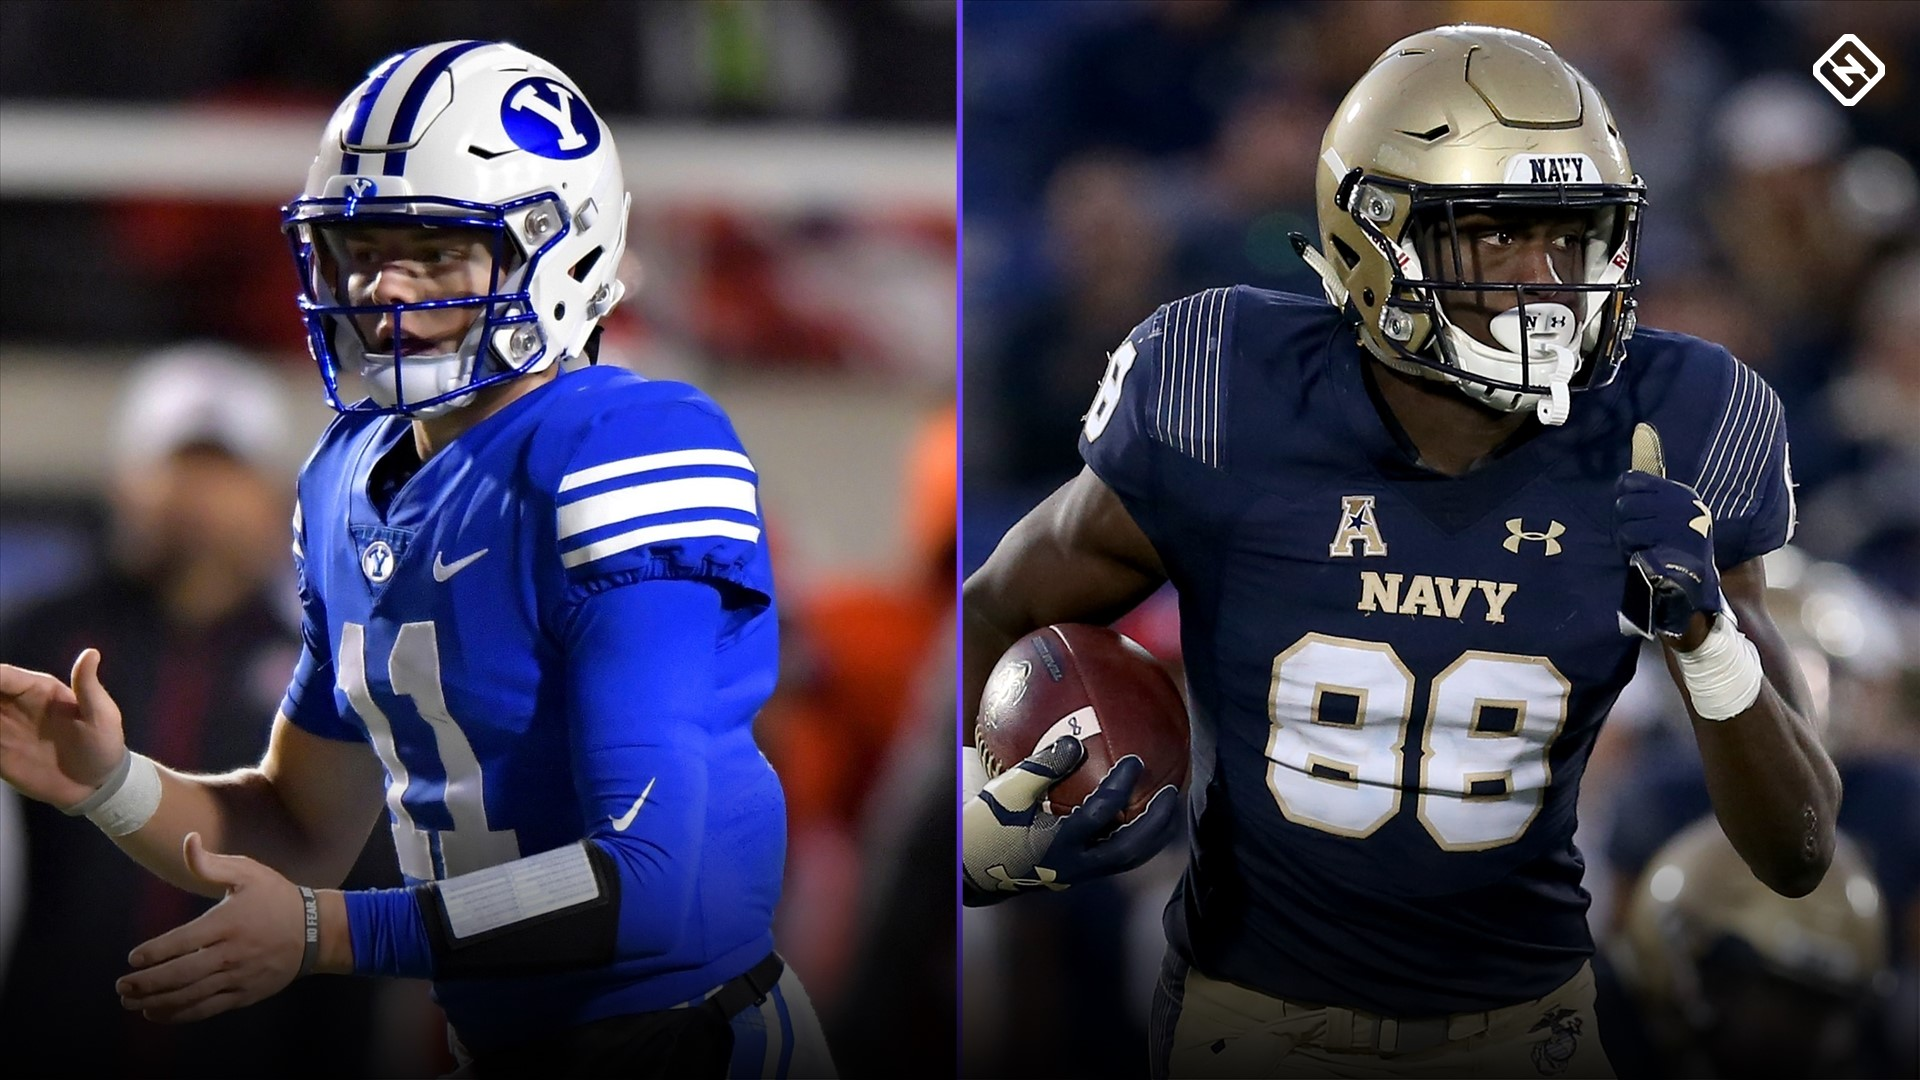 BYU vs Navy Football 2020